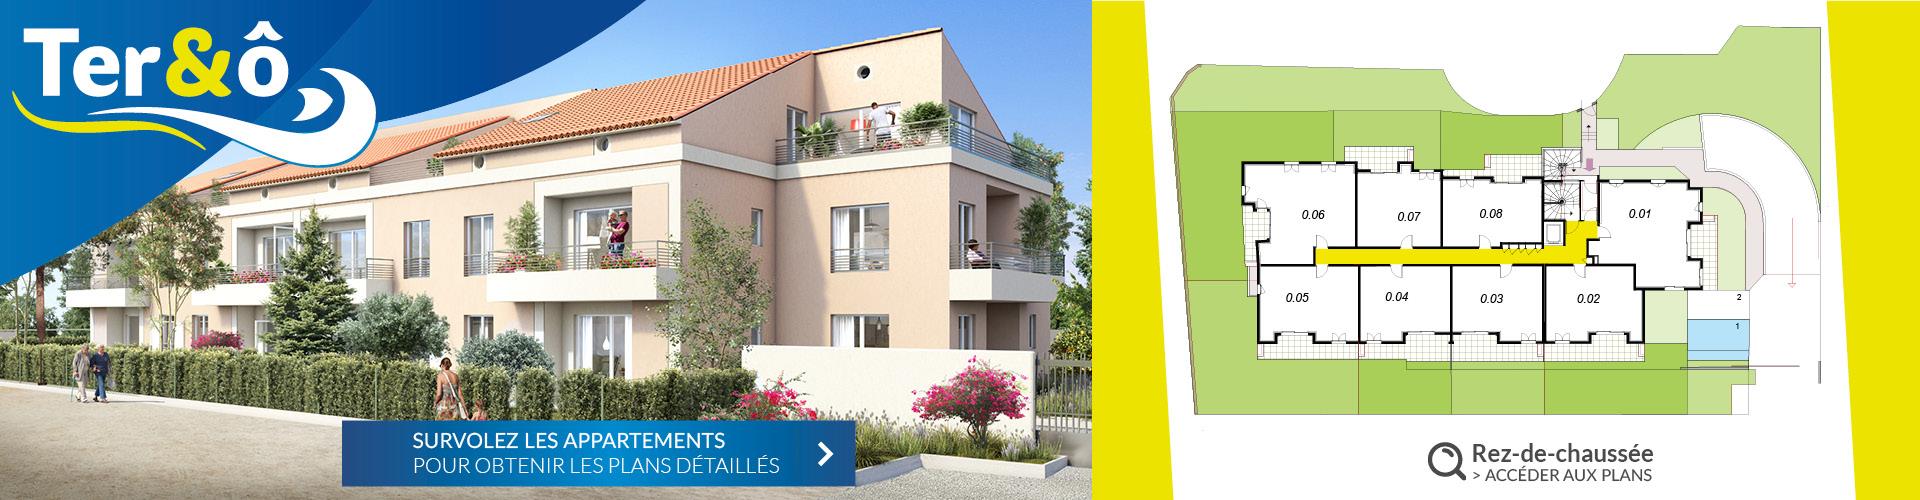 Rez-de-chaussez - Résidence immobilière Ter&O - La Garde - Var - 83